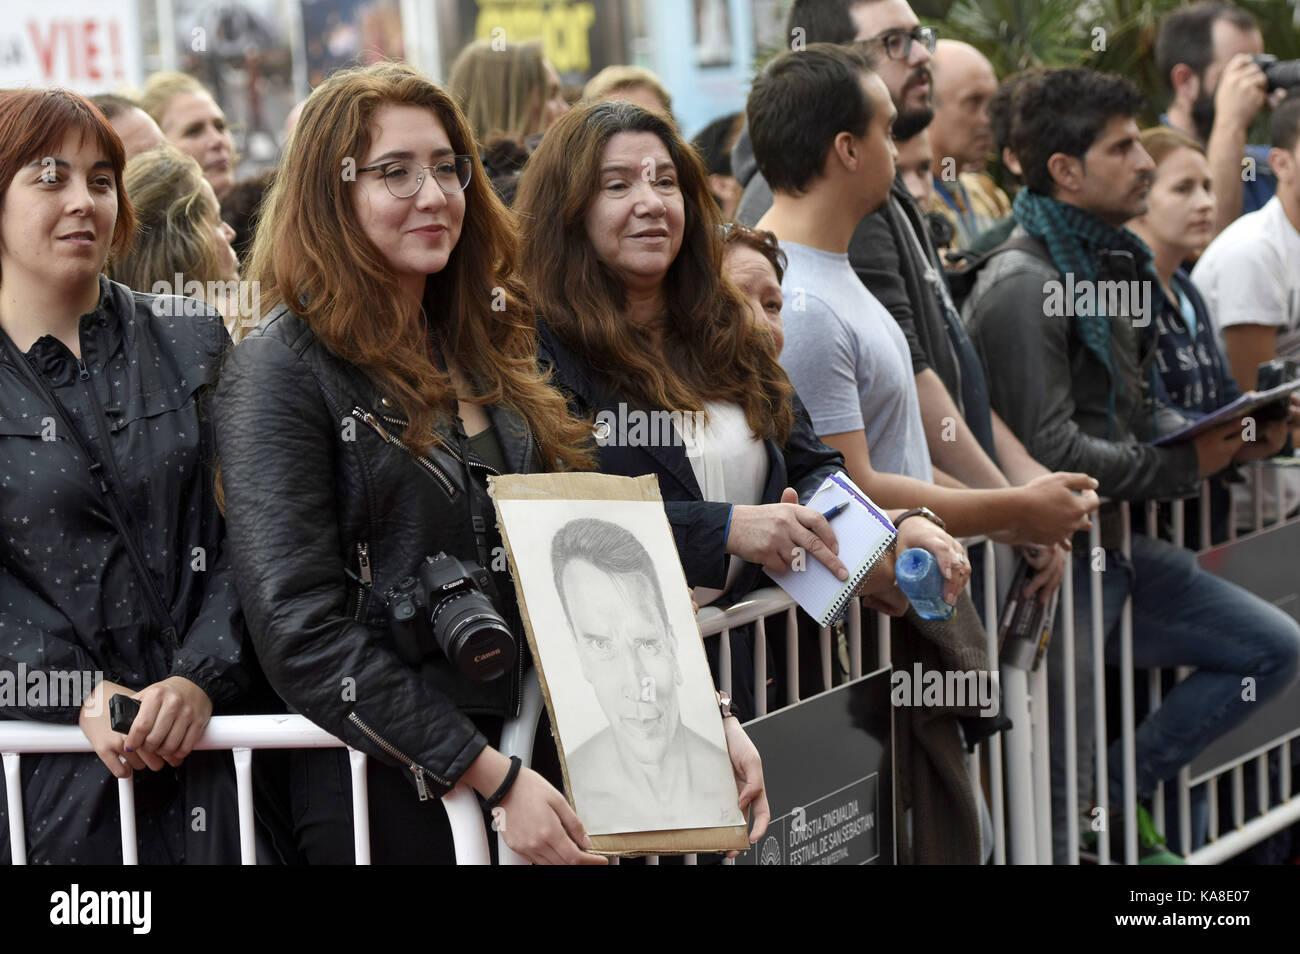 """San Sebastian, Espagne. 25 septembre, 2017. fans au """"miracle de la mer 3d' premiere au Victoria Eugenia Photo Stock"""